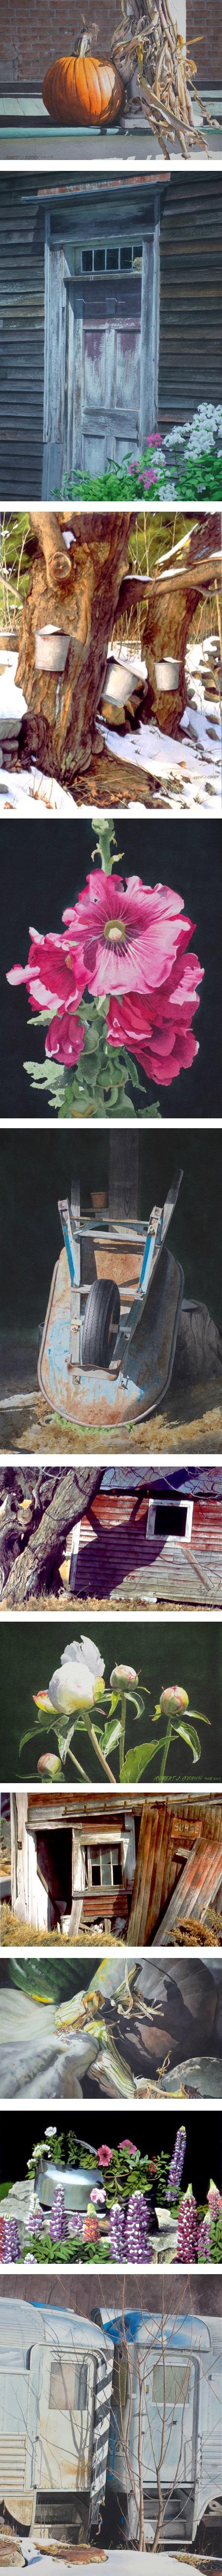 Robert J. O'brien, watercolor